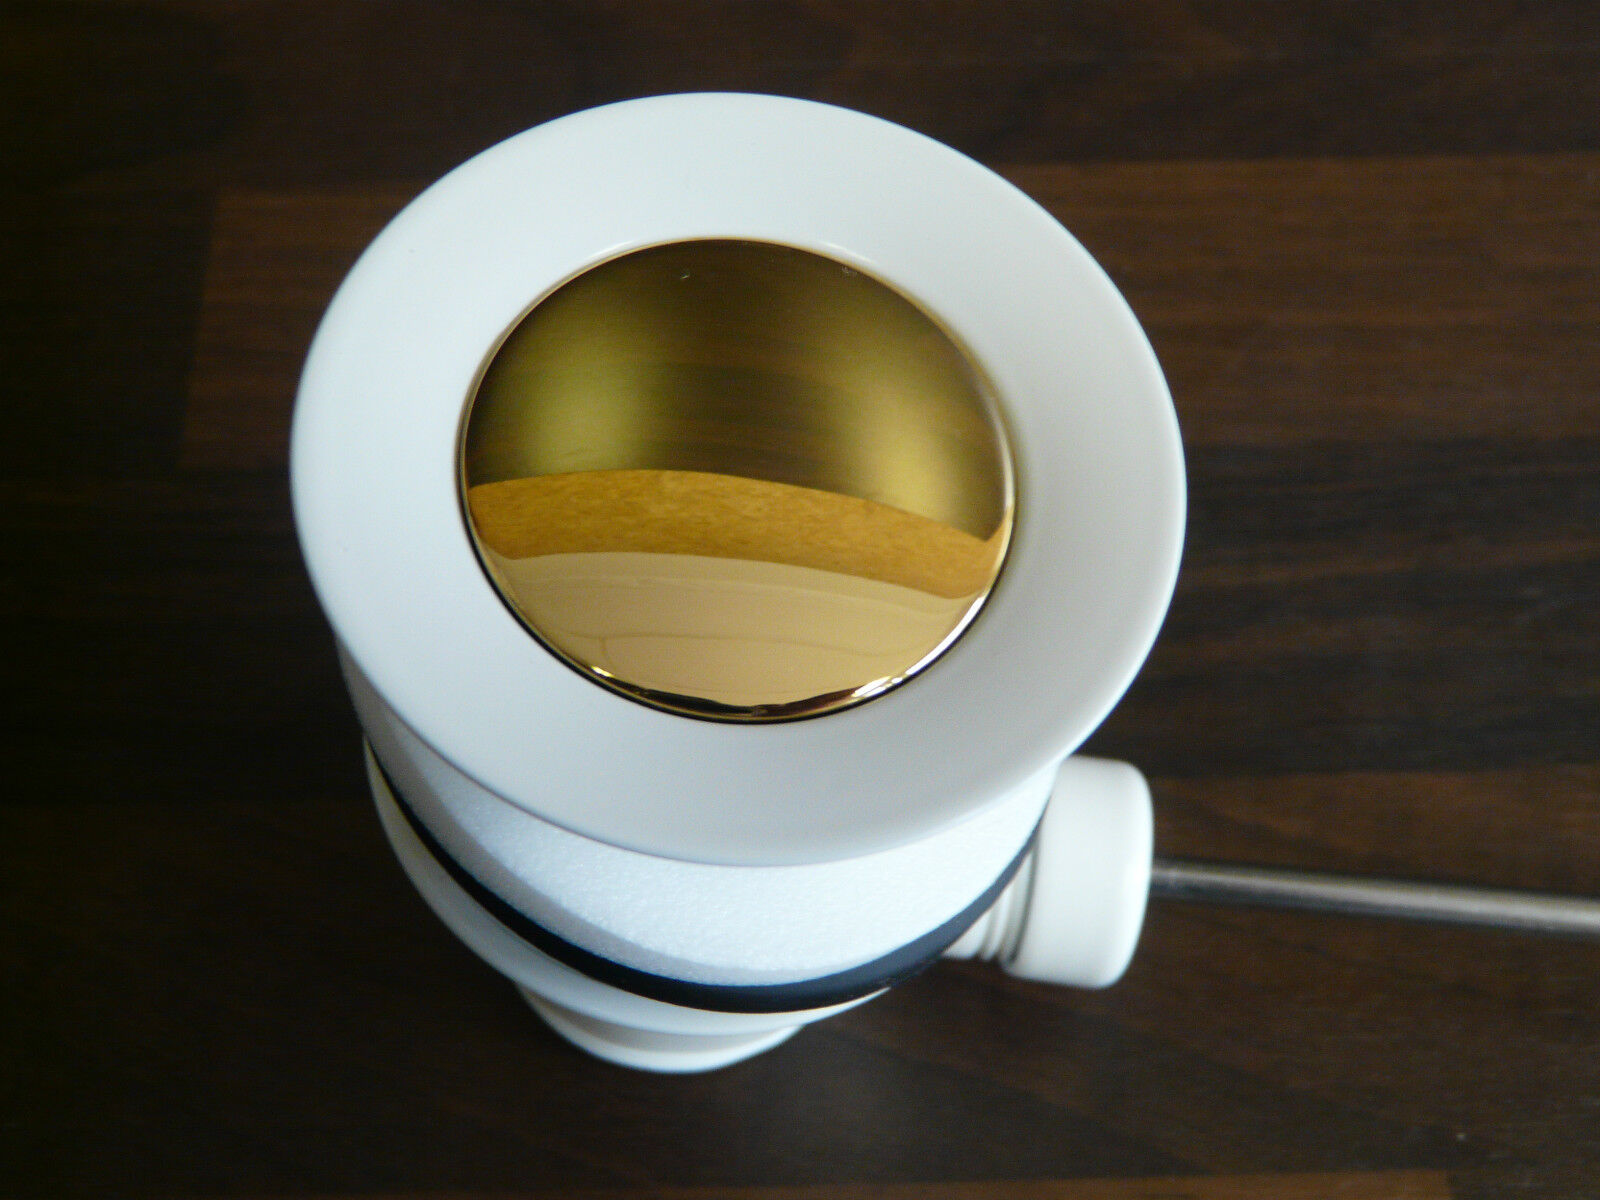 Ablaufgarnitur Weiss Gold (24 Karat), Ablaufventil, Excenter, Waschtisch | | | Sehr gelobt und vom Publikum der Verbraucher geschätzt  | Moderne Technologie  | Großer Verkauf  | Ab dem neuesten Modell  e2c543